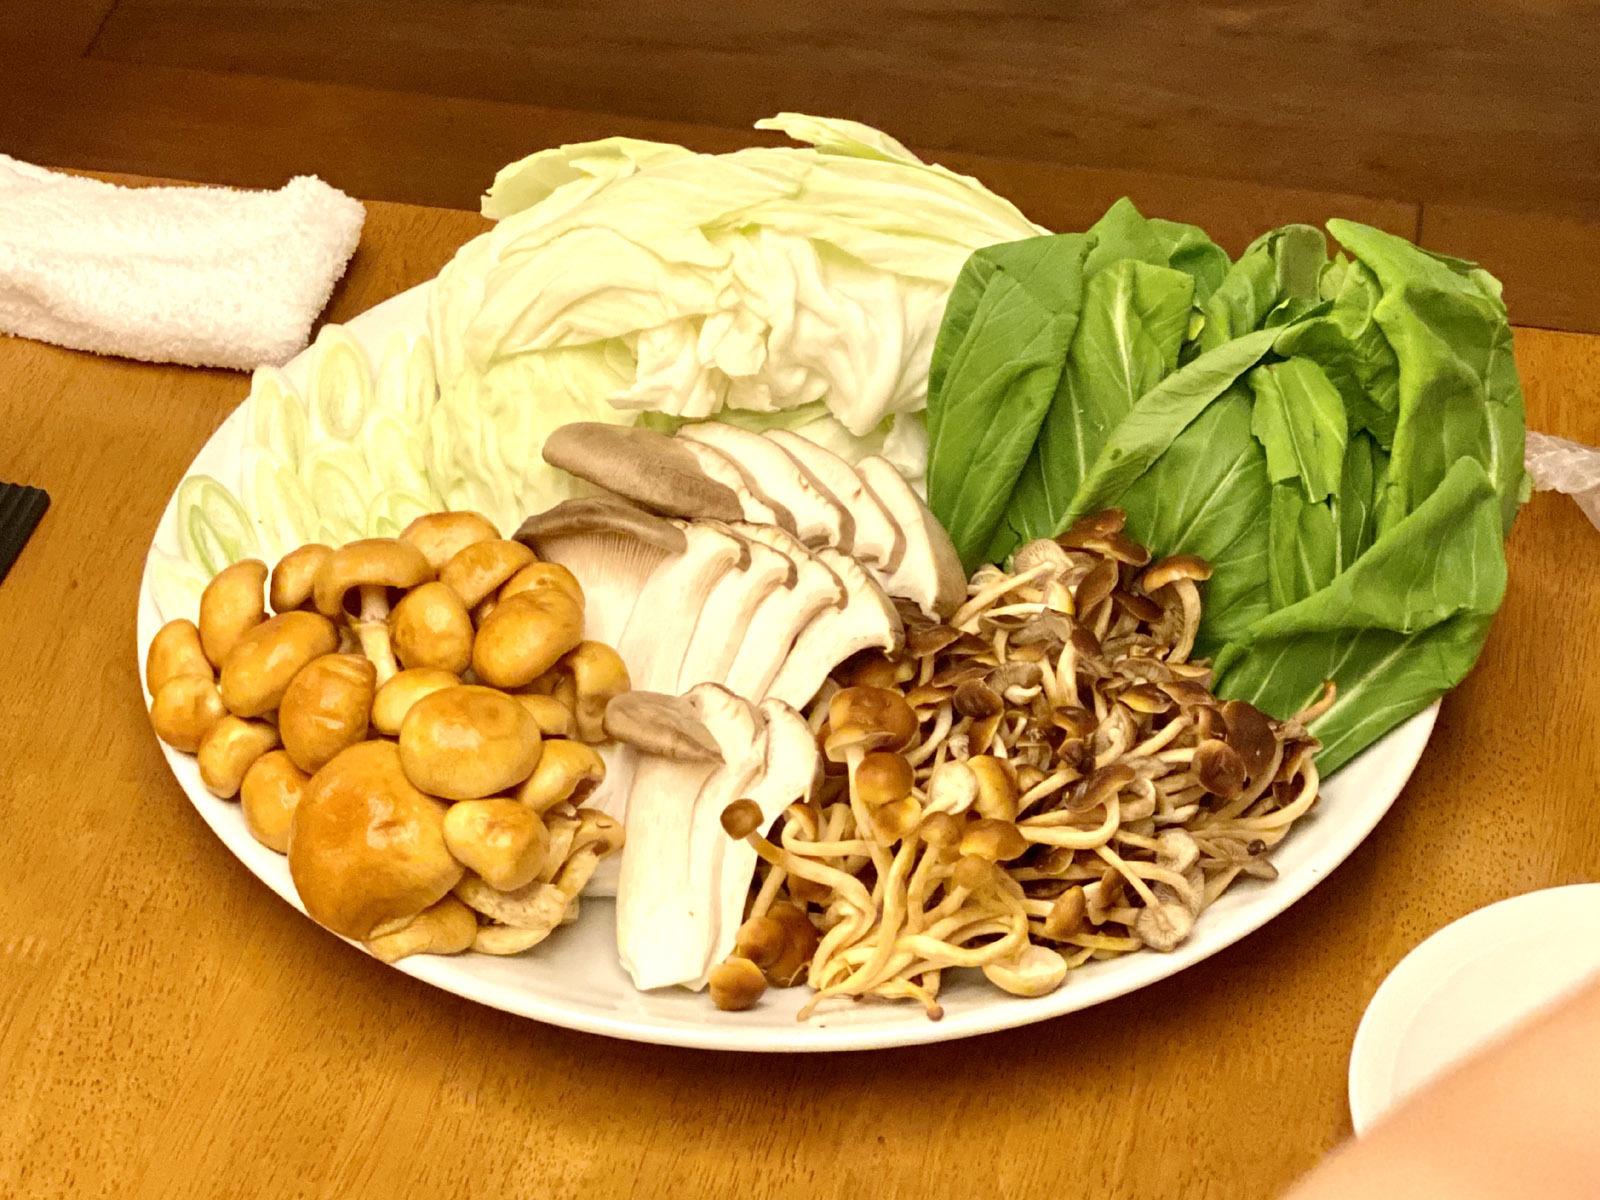 キノコや野菜